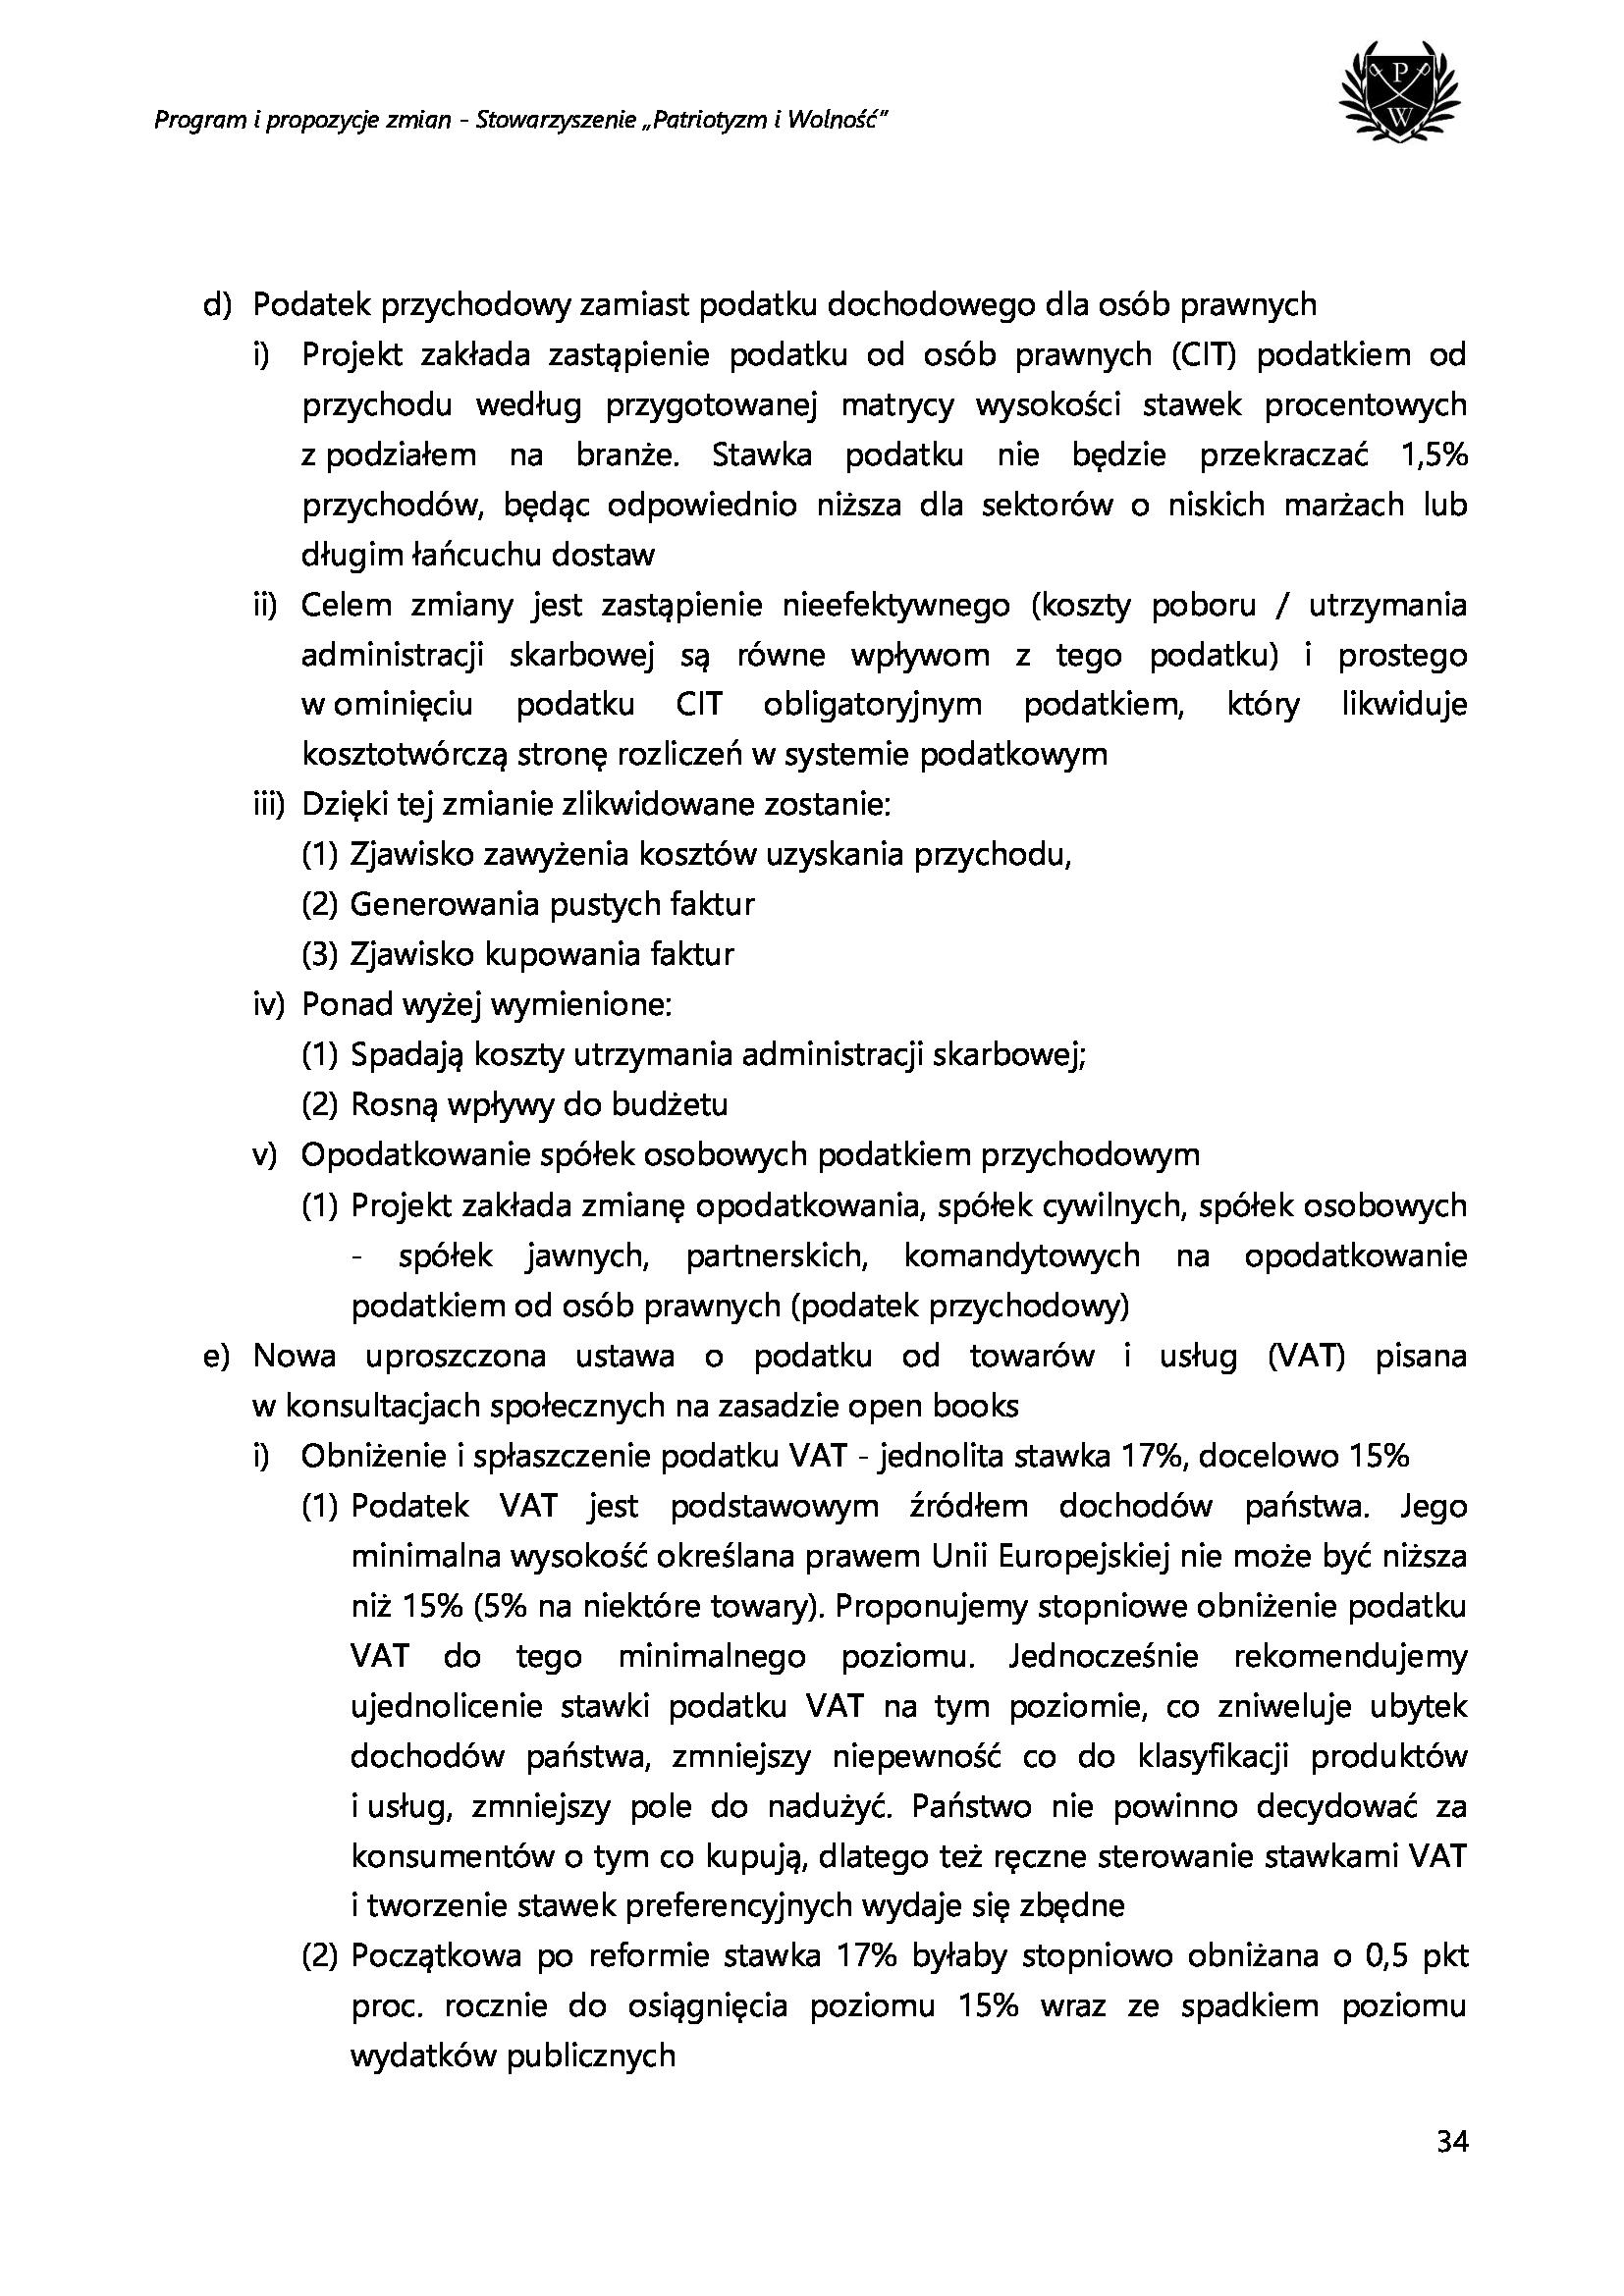 db9e272ef5a9a2e66d26f1905be6c507-34